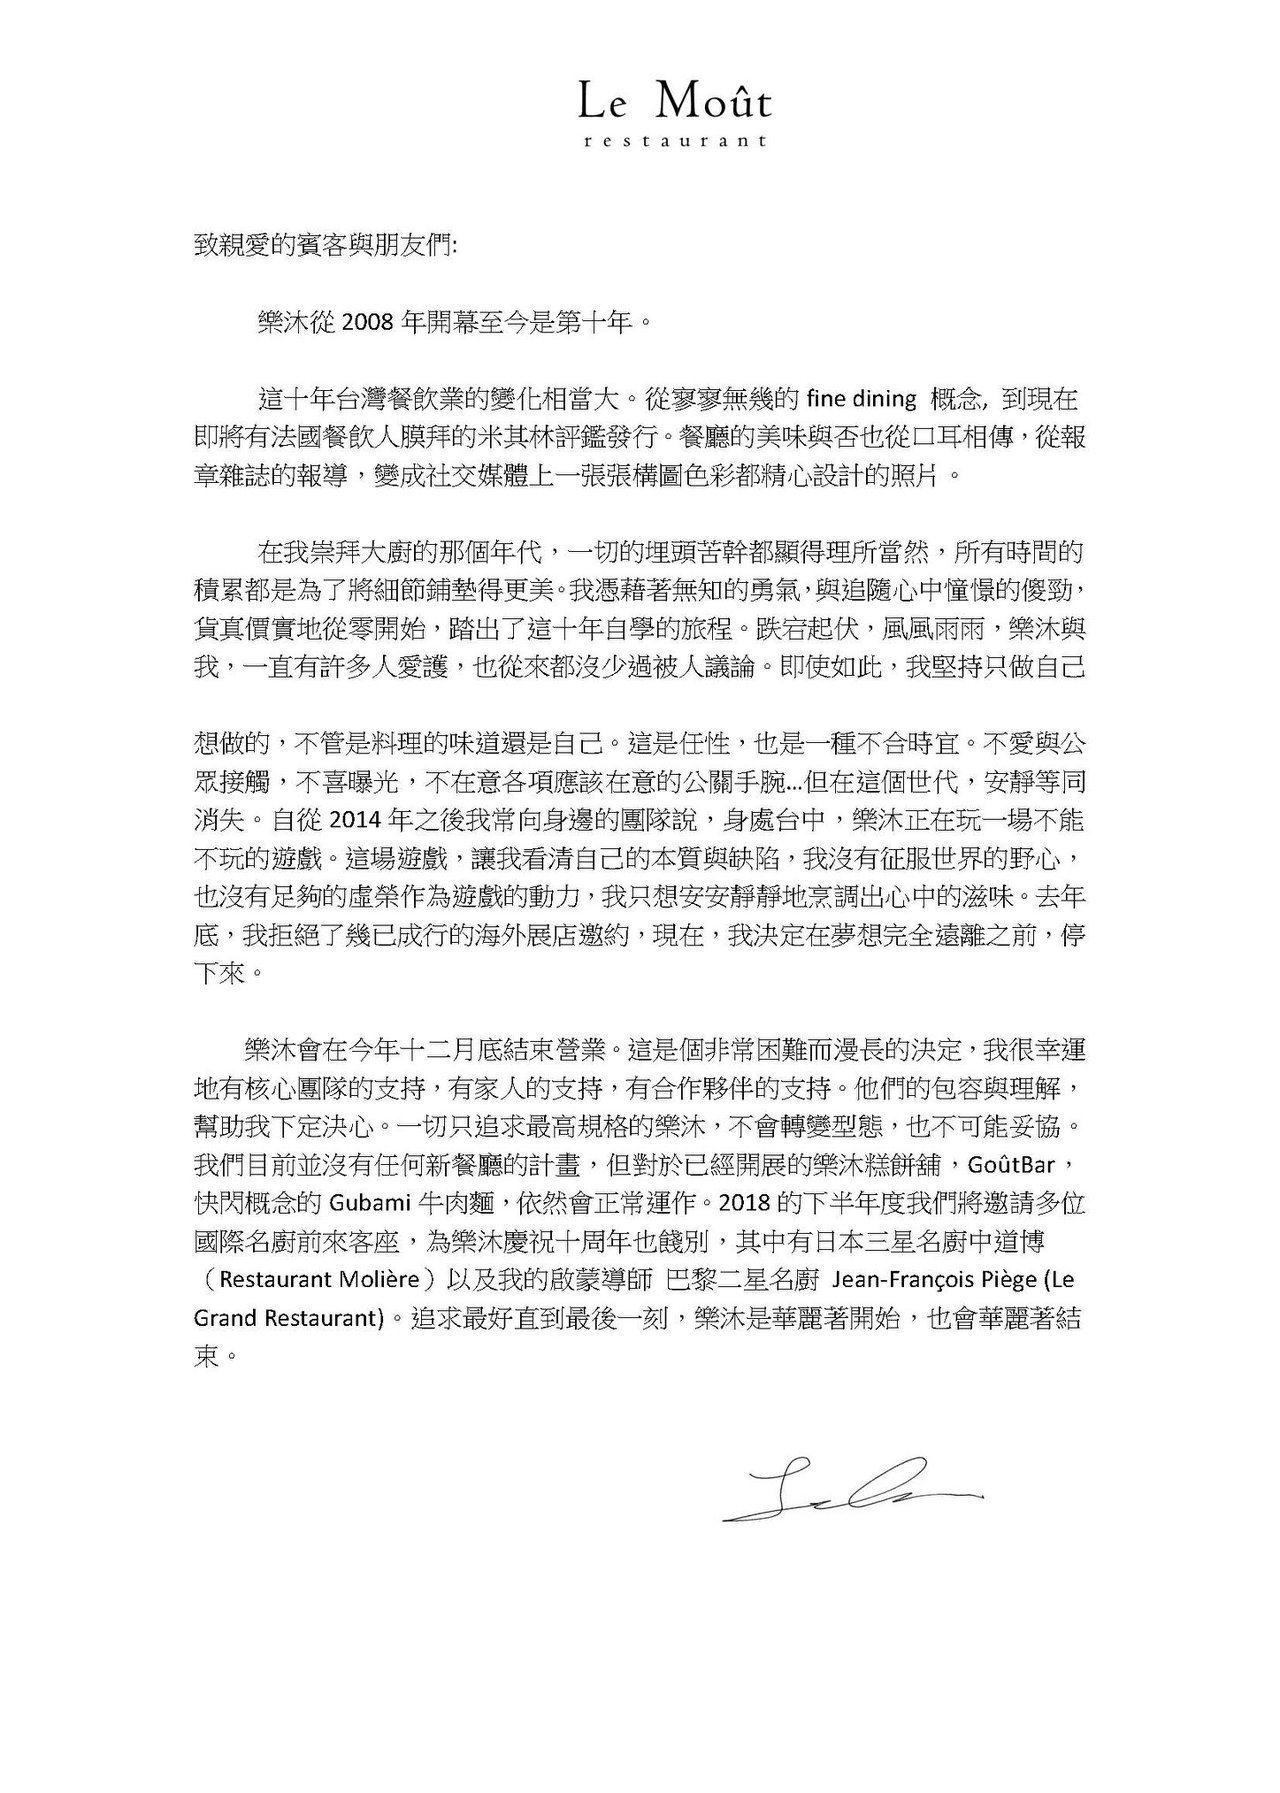 樂沐法式餐廳在官方粉絲團發出公告,即將在今年底結束營業。圖/翻攝自樂沐法式餐廳粉...